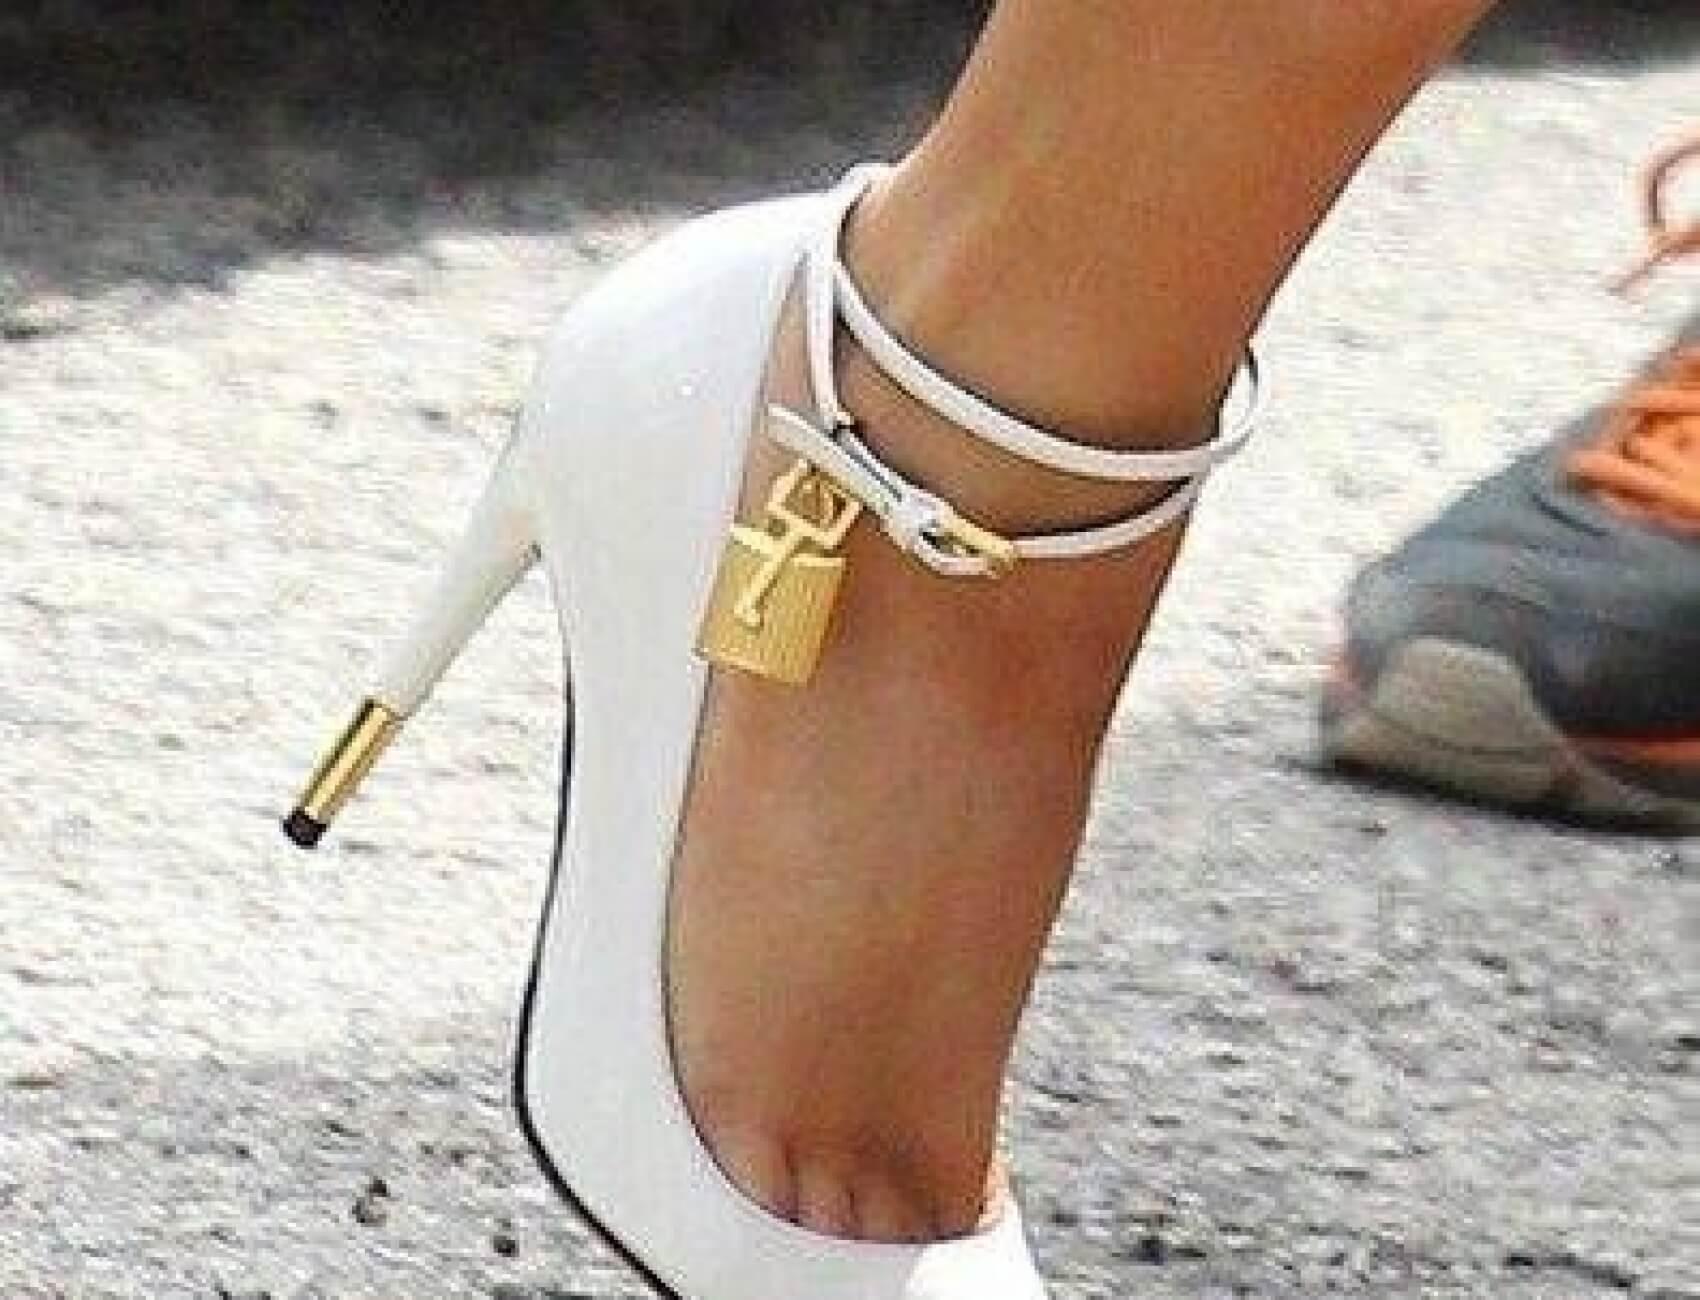 Beyaz Gelin Ayakkabısı Nasıl Olur